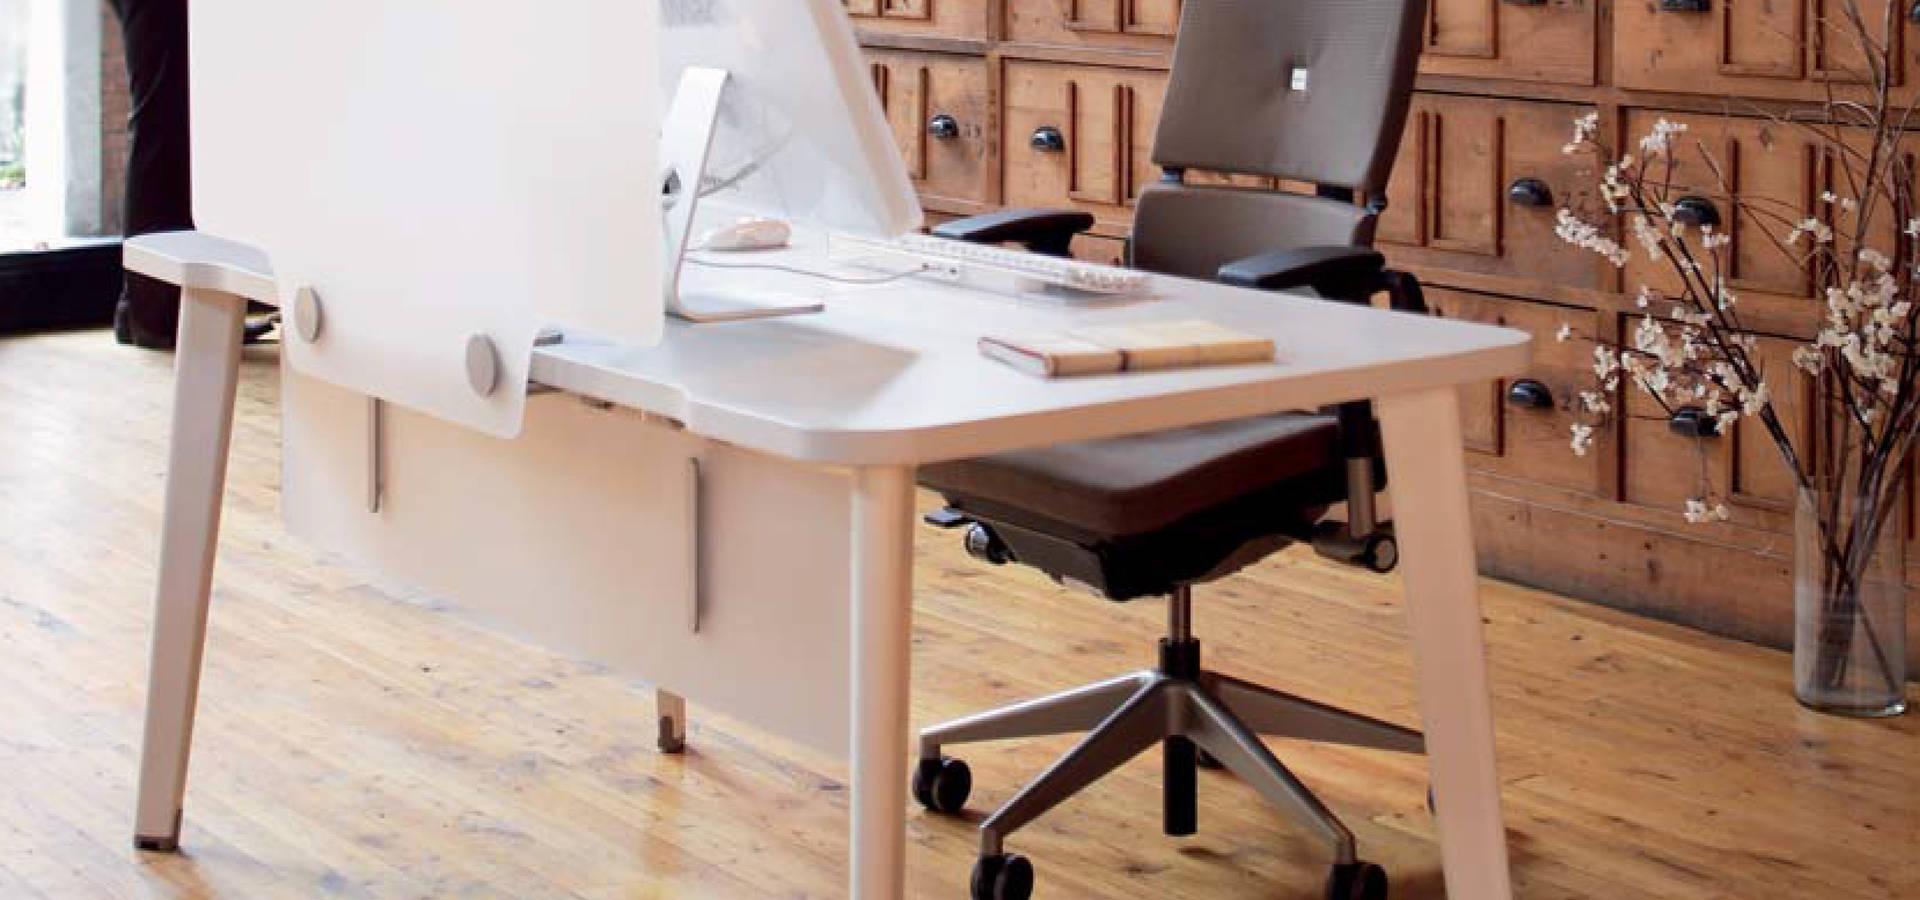 AB Design Lab